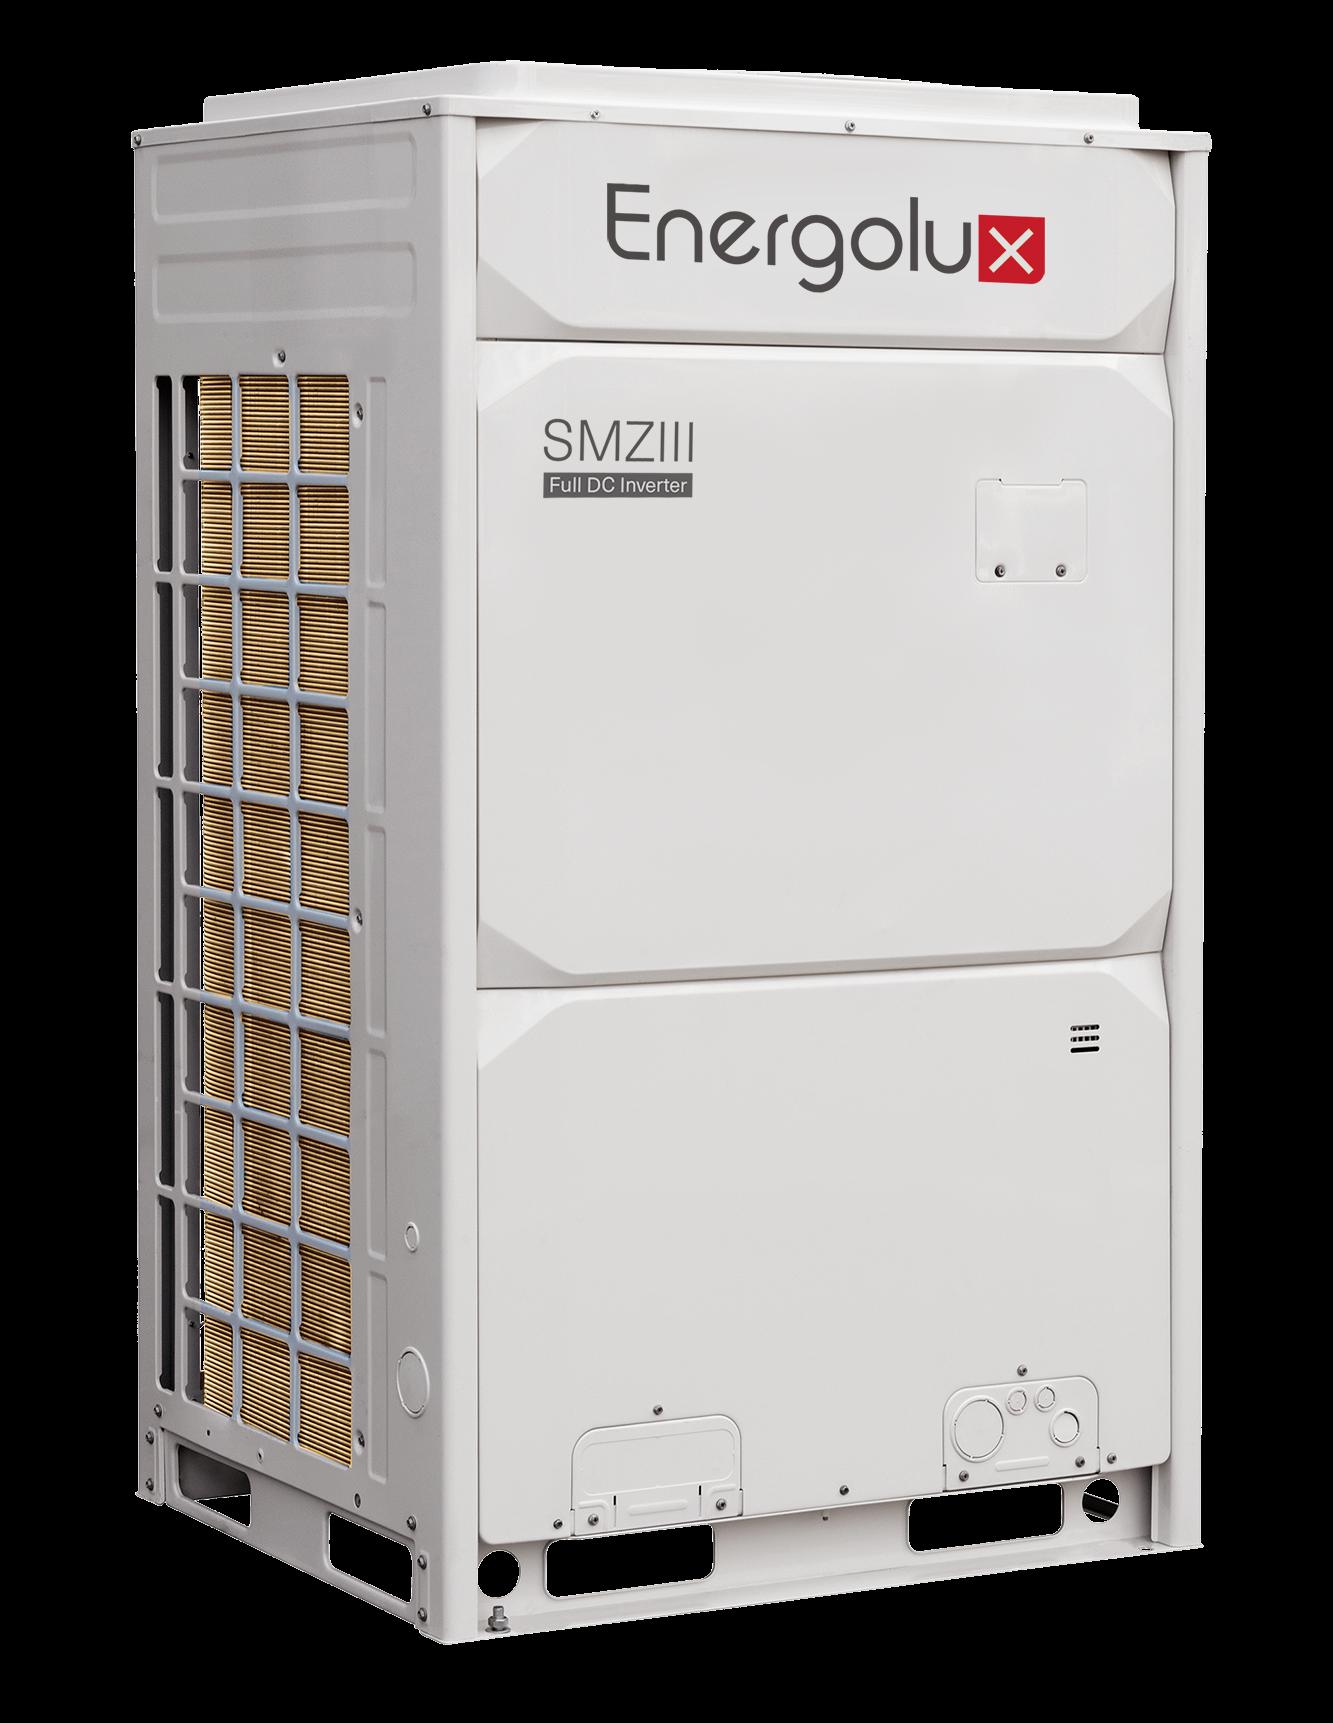 Energolux SMZU75V3AI